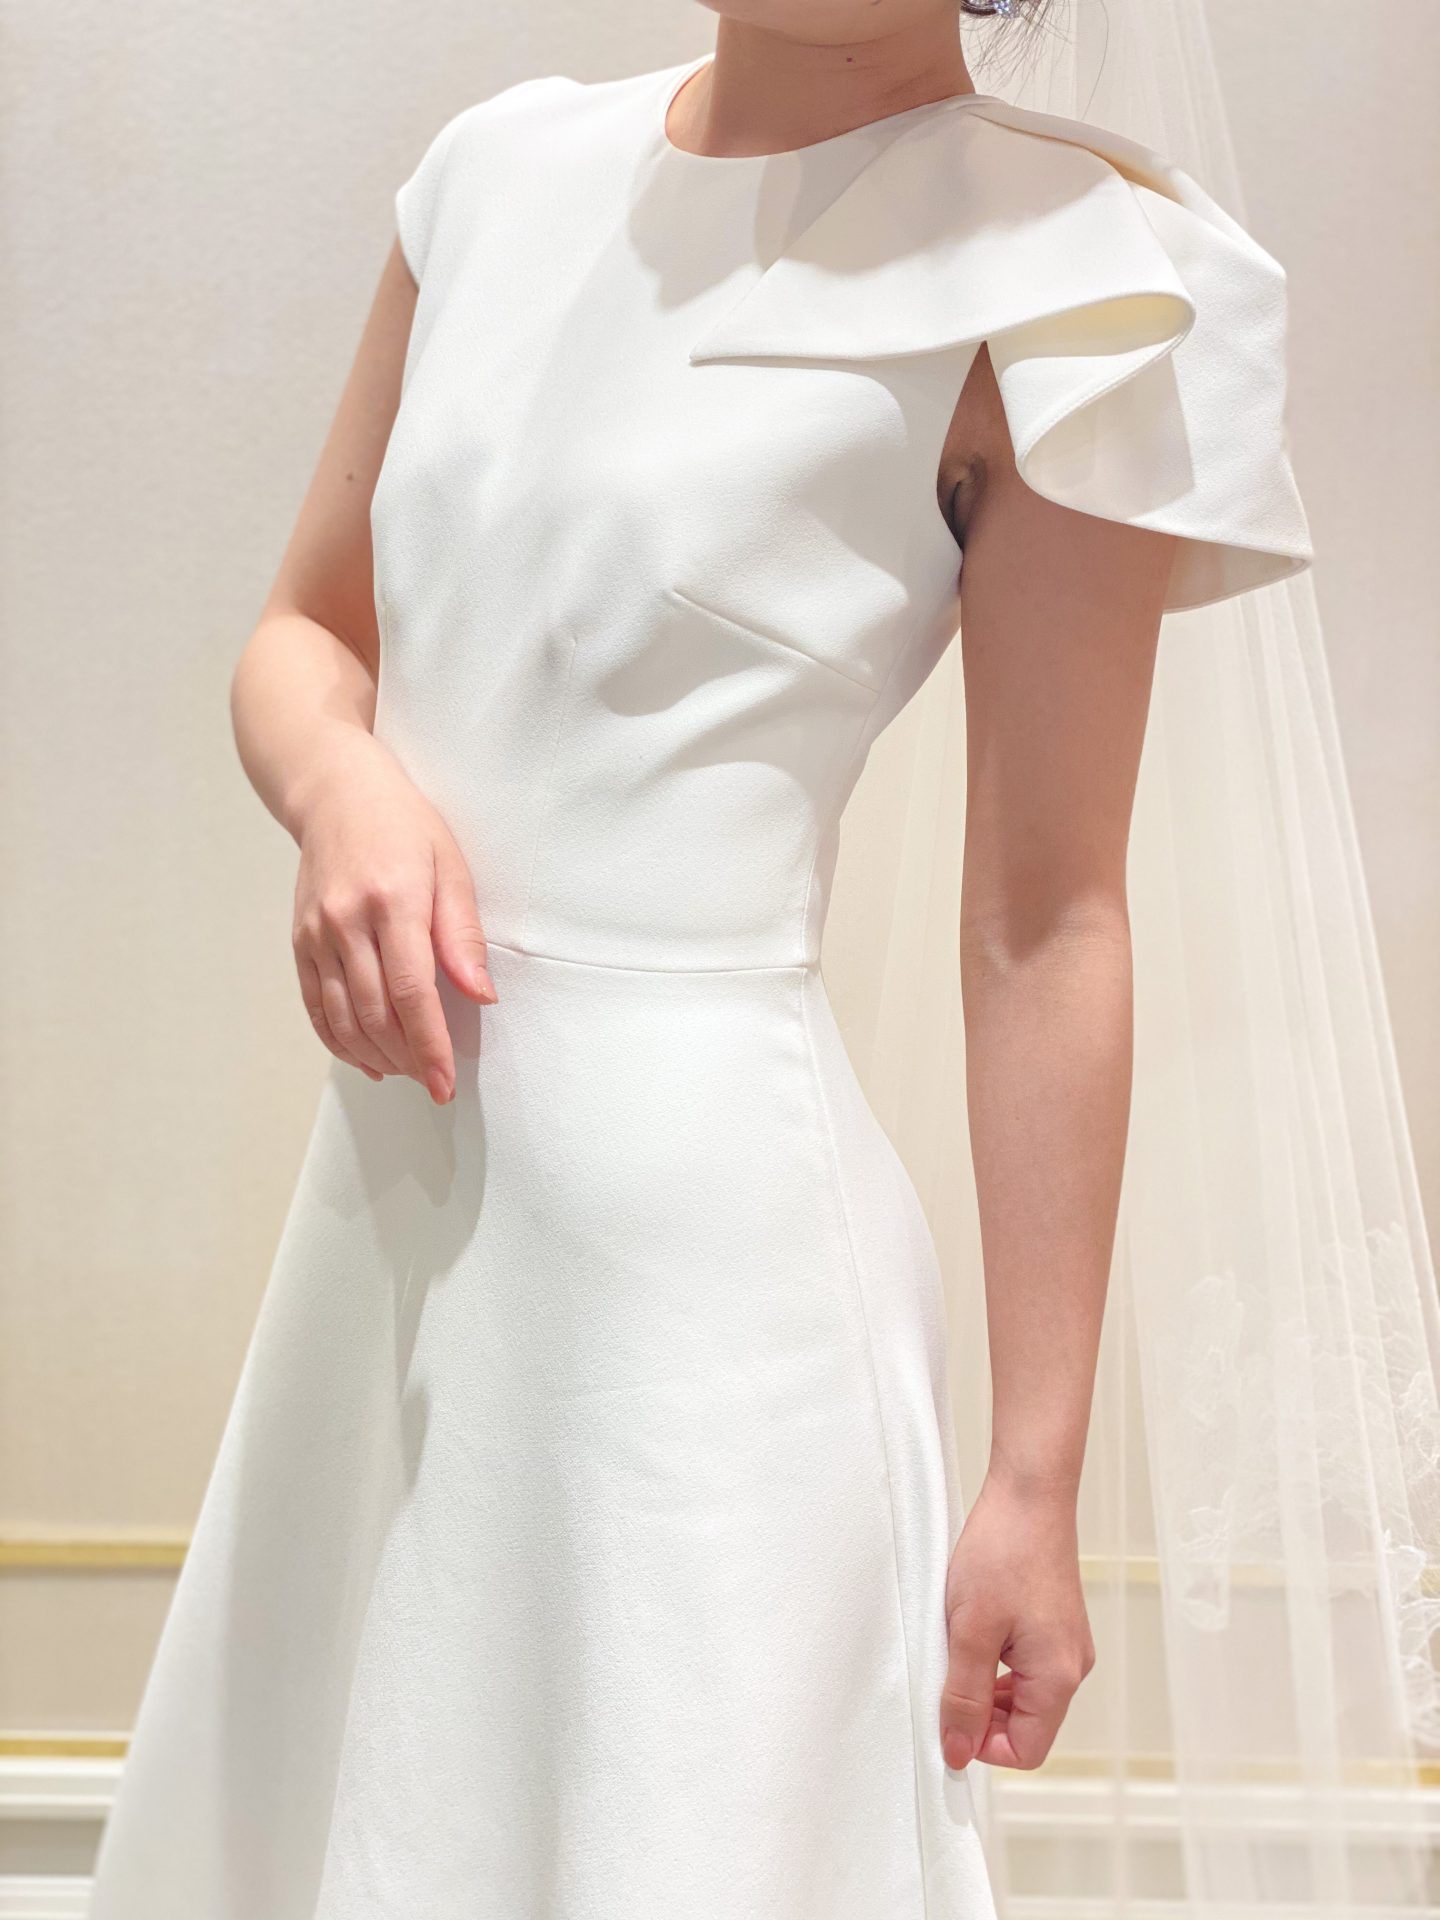 関西大阪にあるインポートウェディングドレスショップ、ザトリートドレッシングよりインポートドレスブランドであるサフィヤの袖元がアシンメトリーなデザインが目を引くシンプルでお洒落なウェディングのご紹介